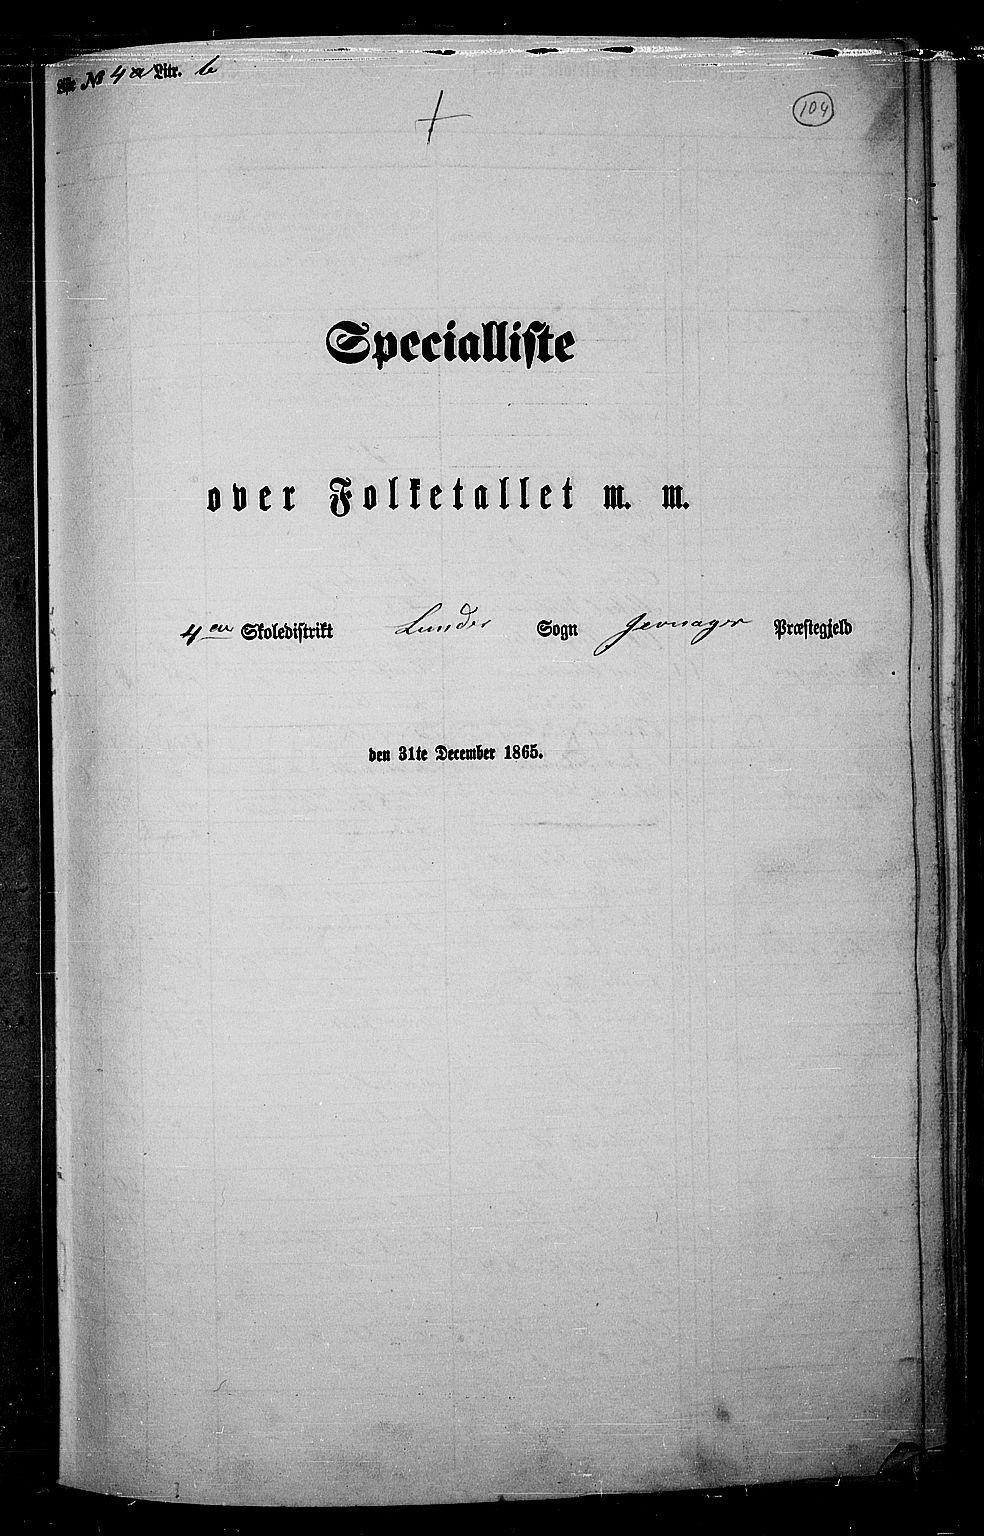 RA, Folketelling 1865 for 0532P Jevnaker prestegjeld, 1865, s. 102